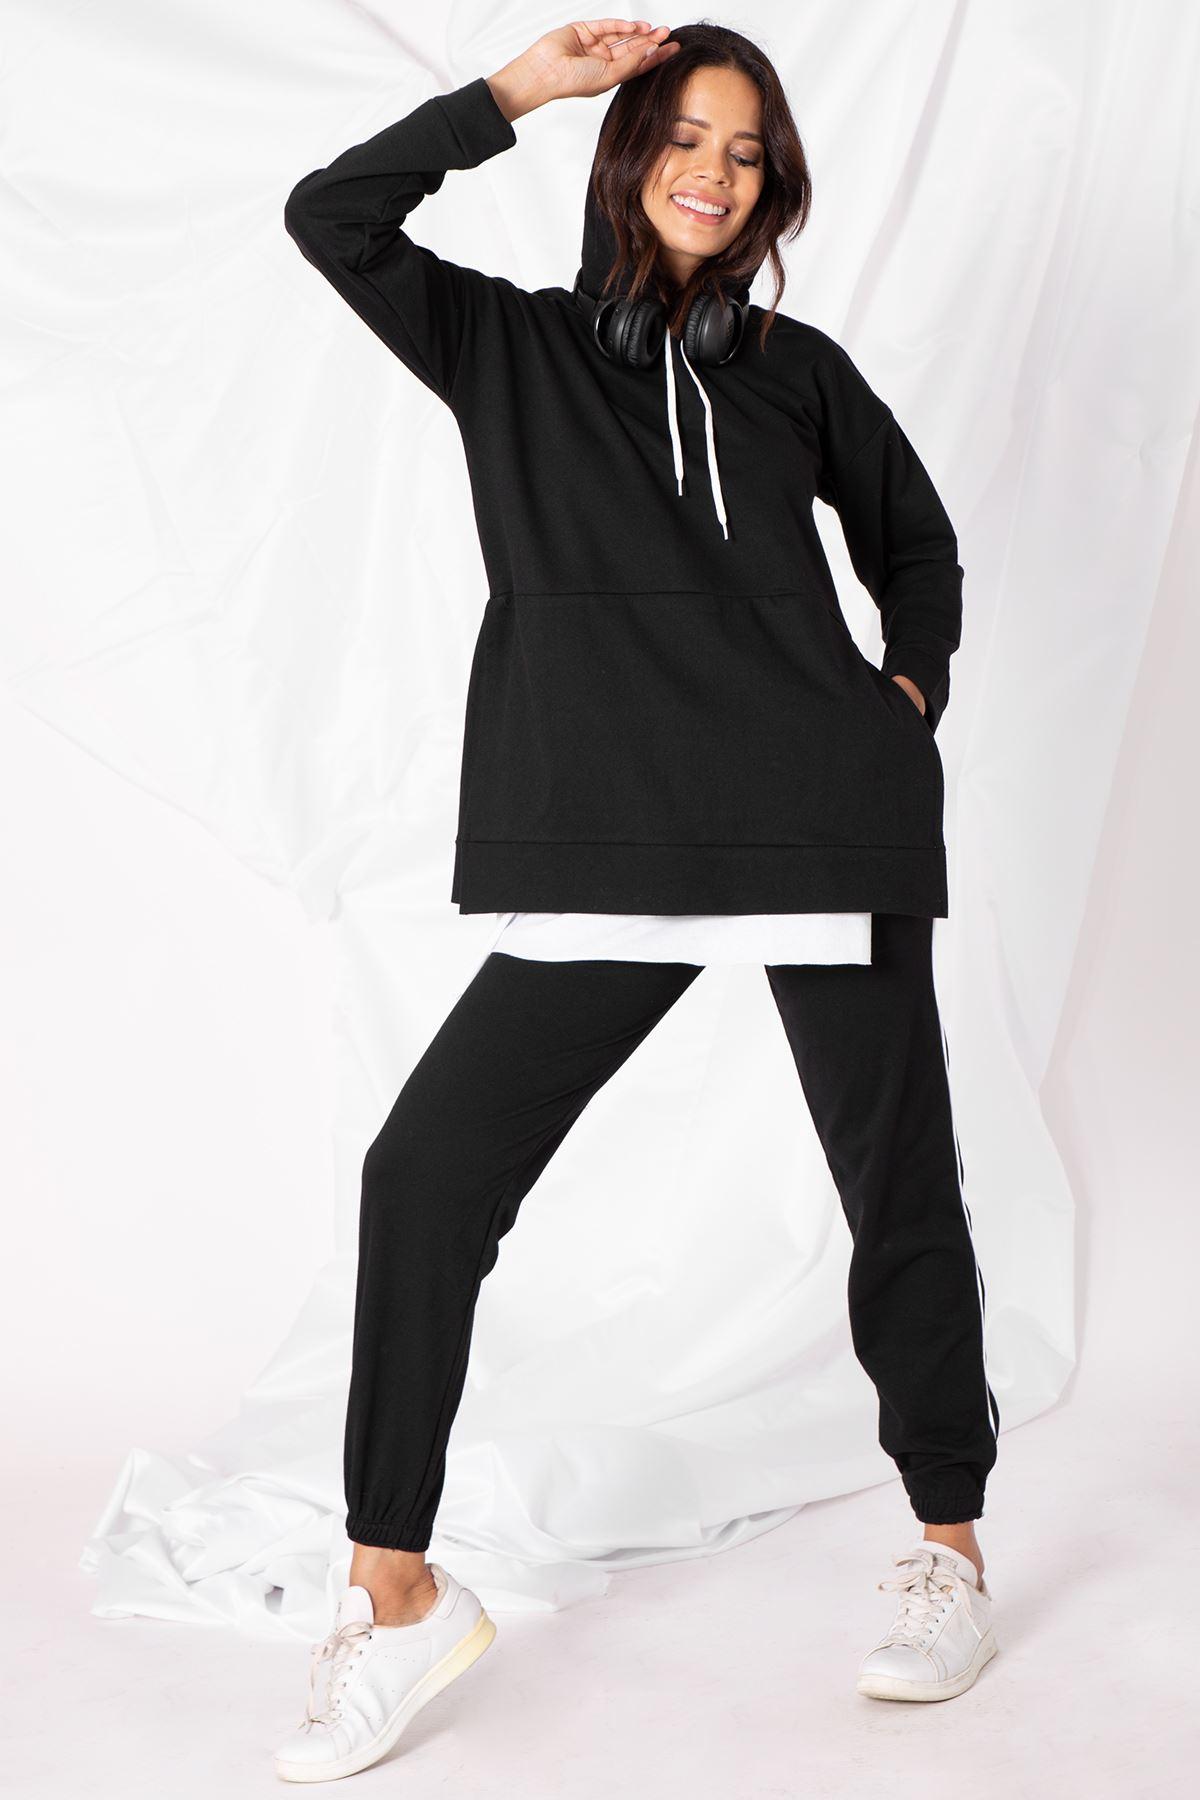 Kadın Etek Parçalı Siyah Tunik Takım